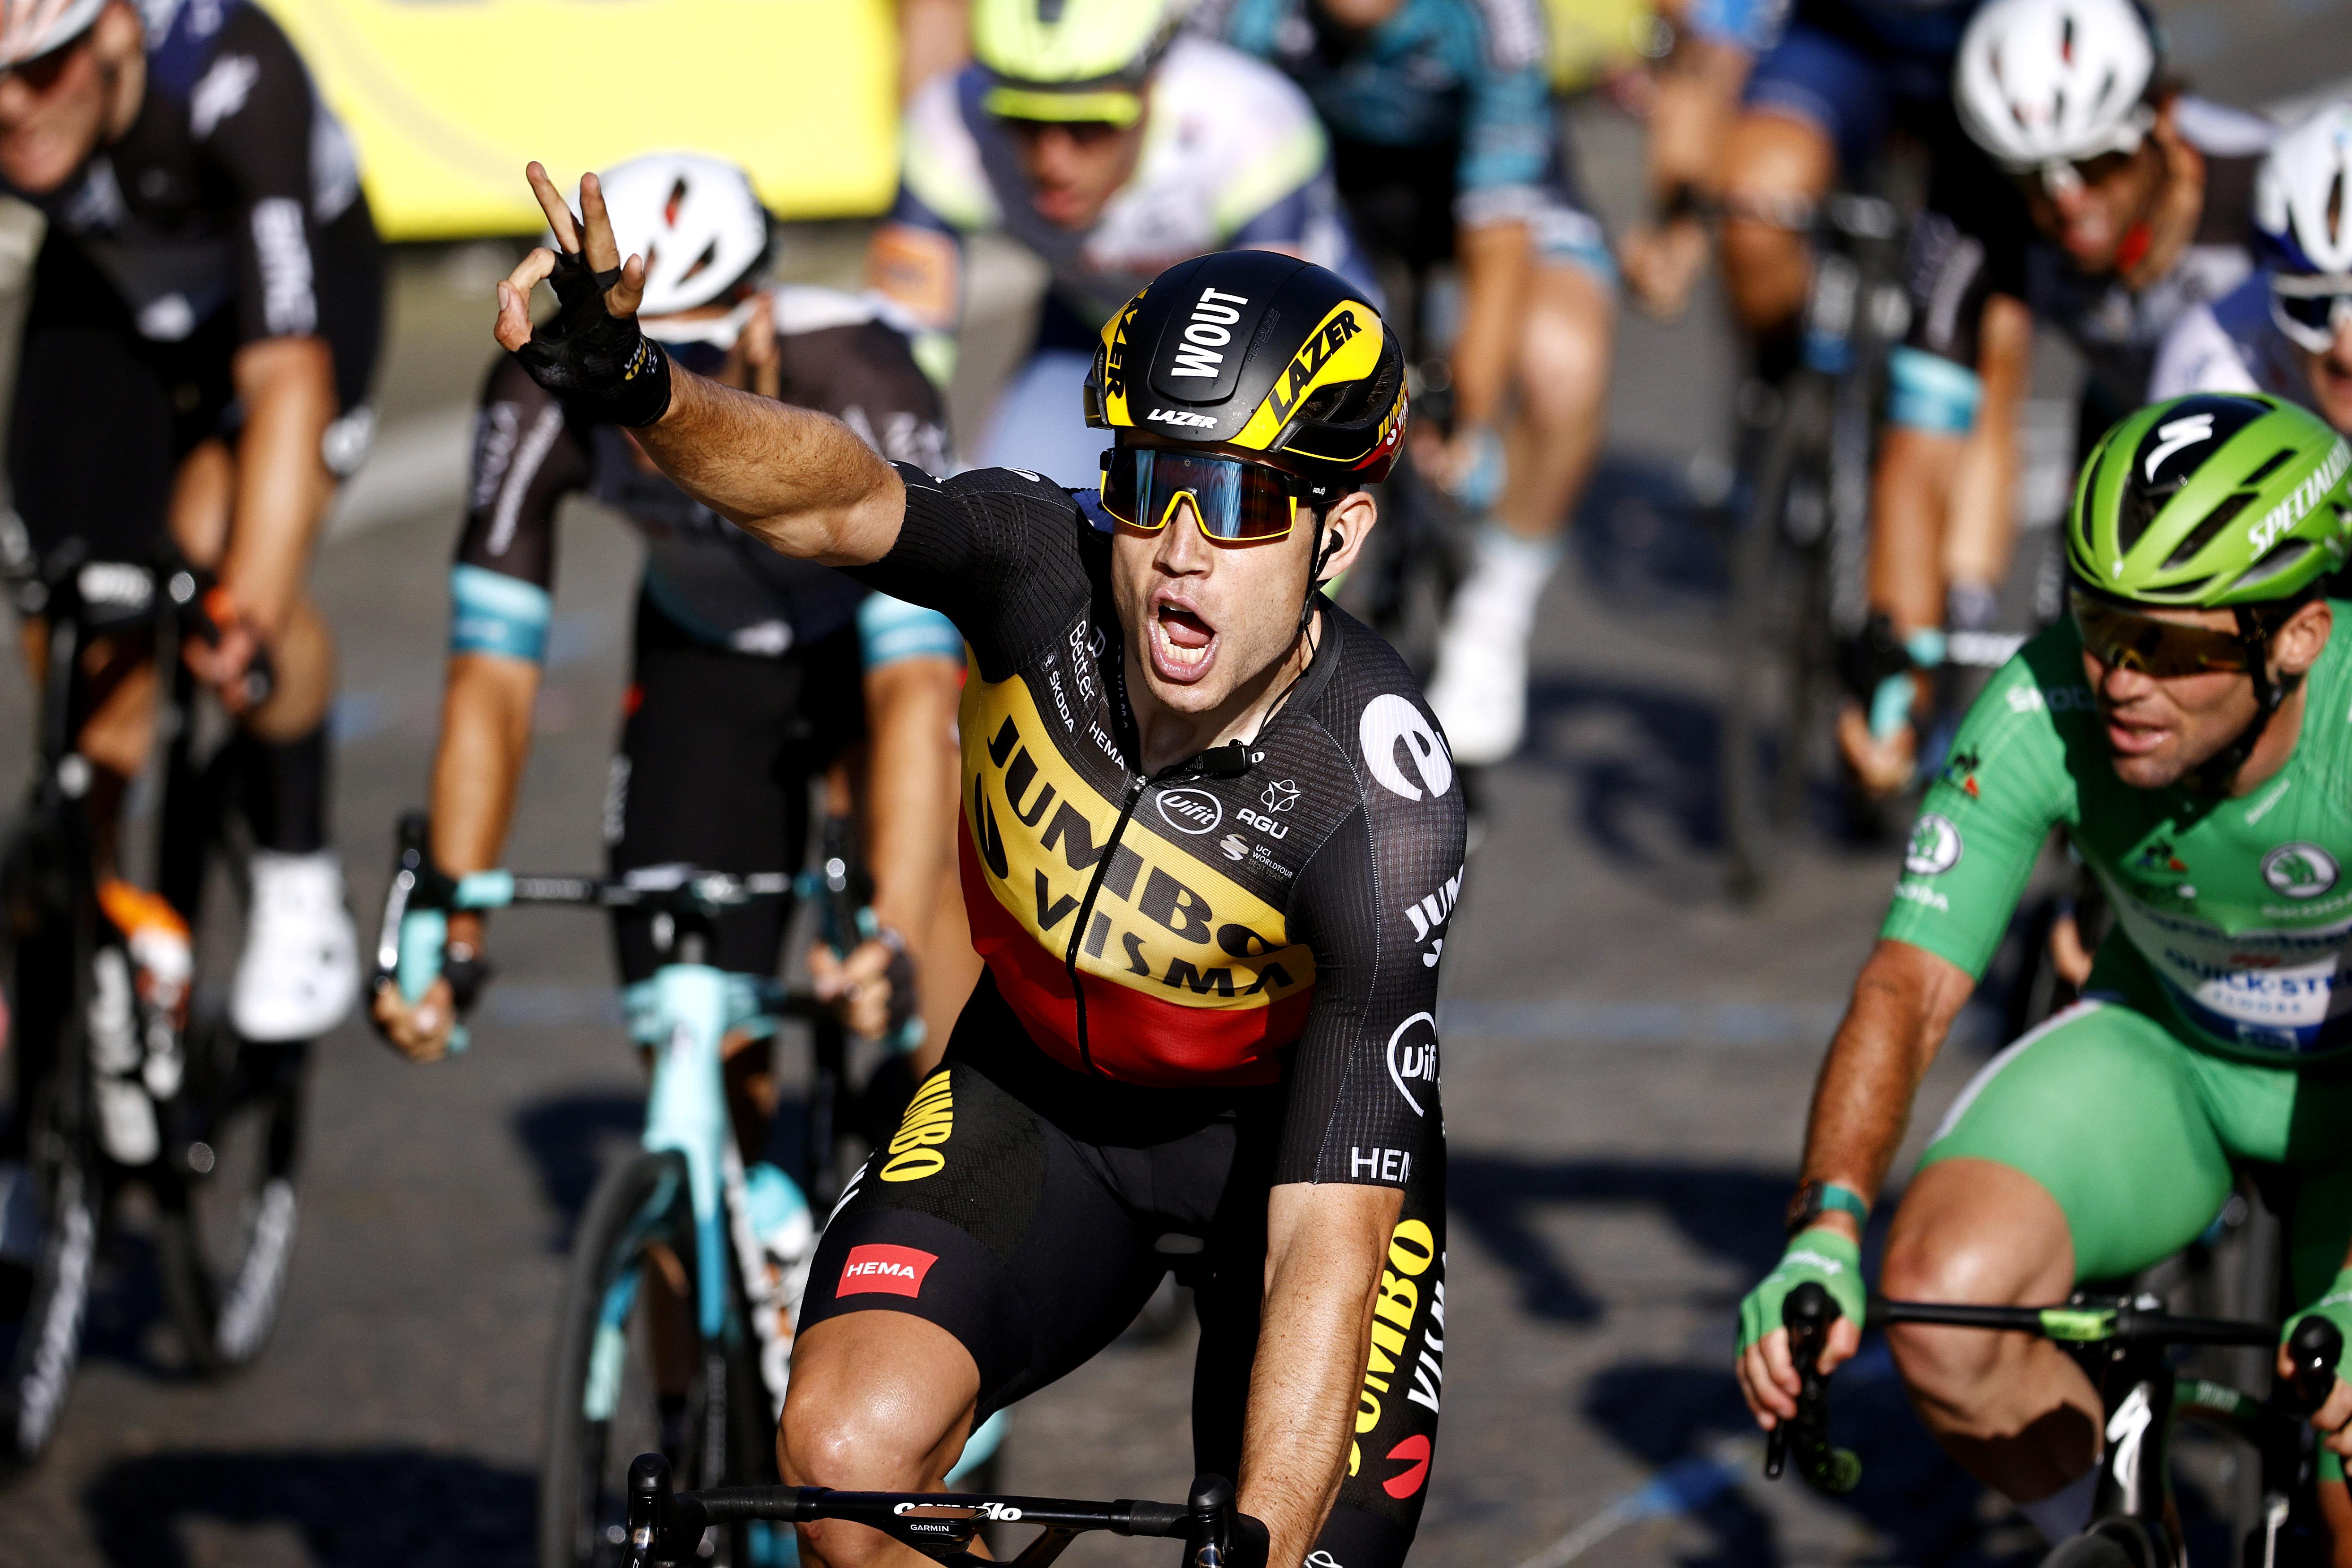 108th Tour de France 2021 - Stage 21